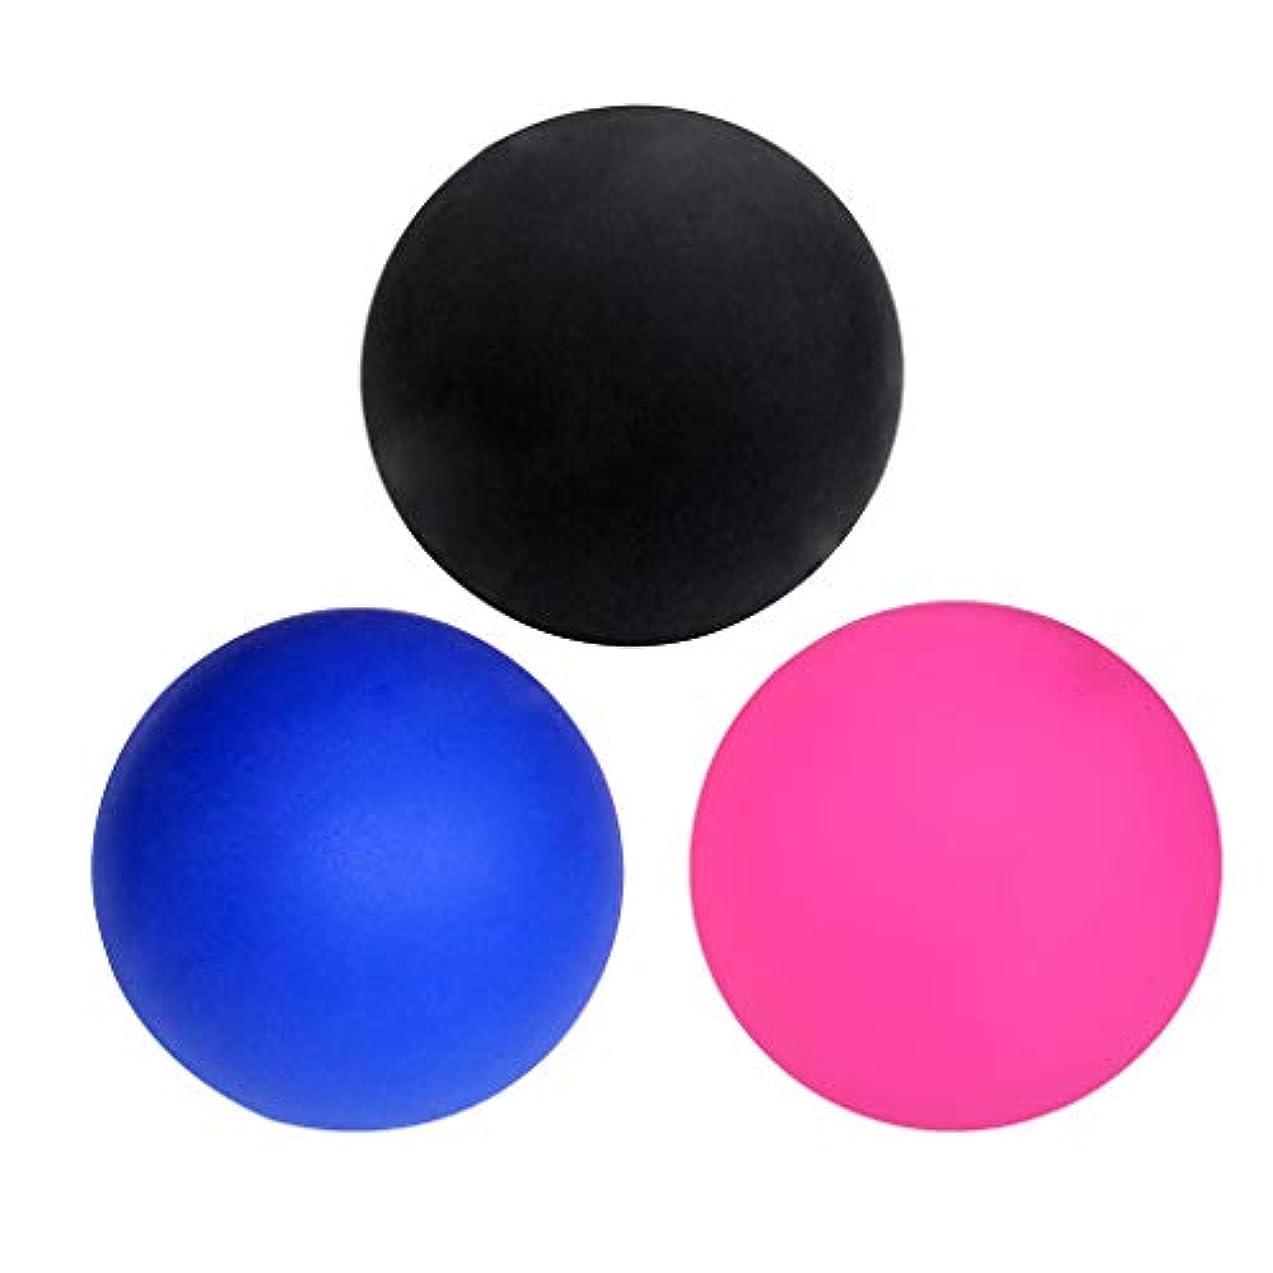 合計キノコハンサムdailymall マッサージボール ラクロスボール トリガーポイント 筋膜リリース トレーニング ツボ押しグッズ 3個入